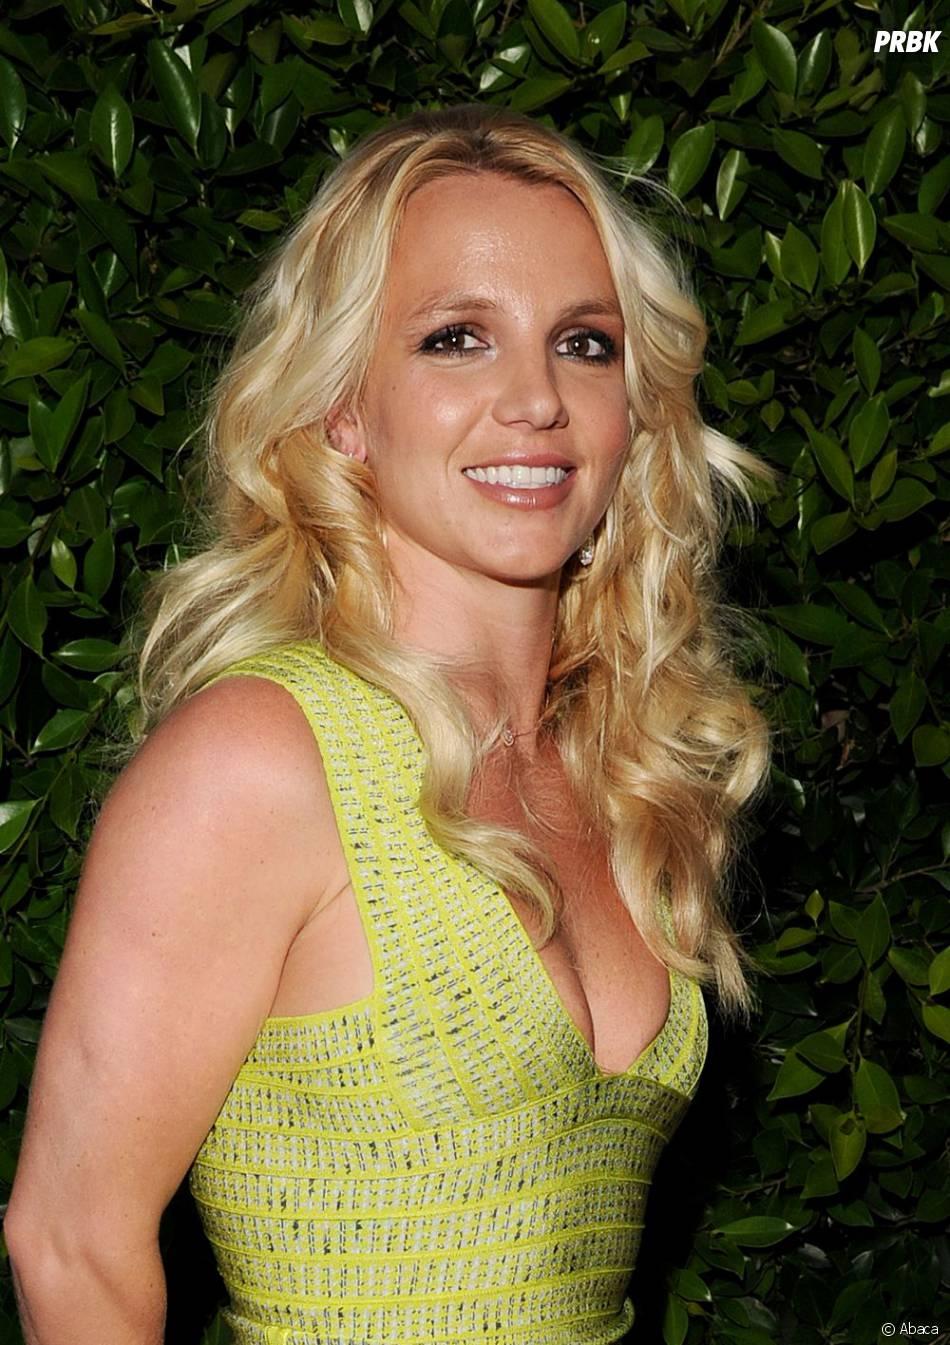 Le sourire forcé de Britney Spears cache de nombreux soucis...